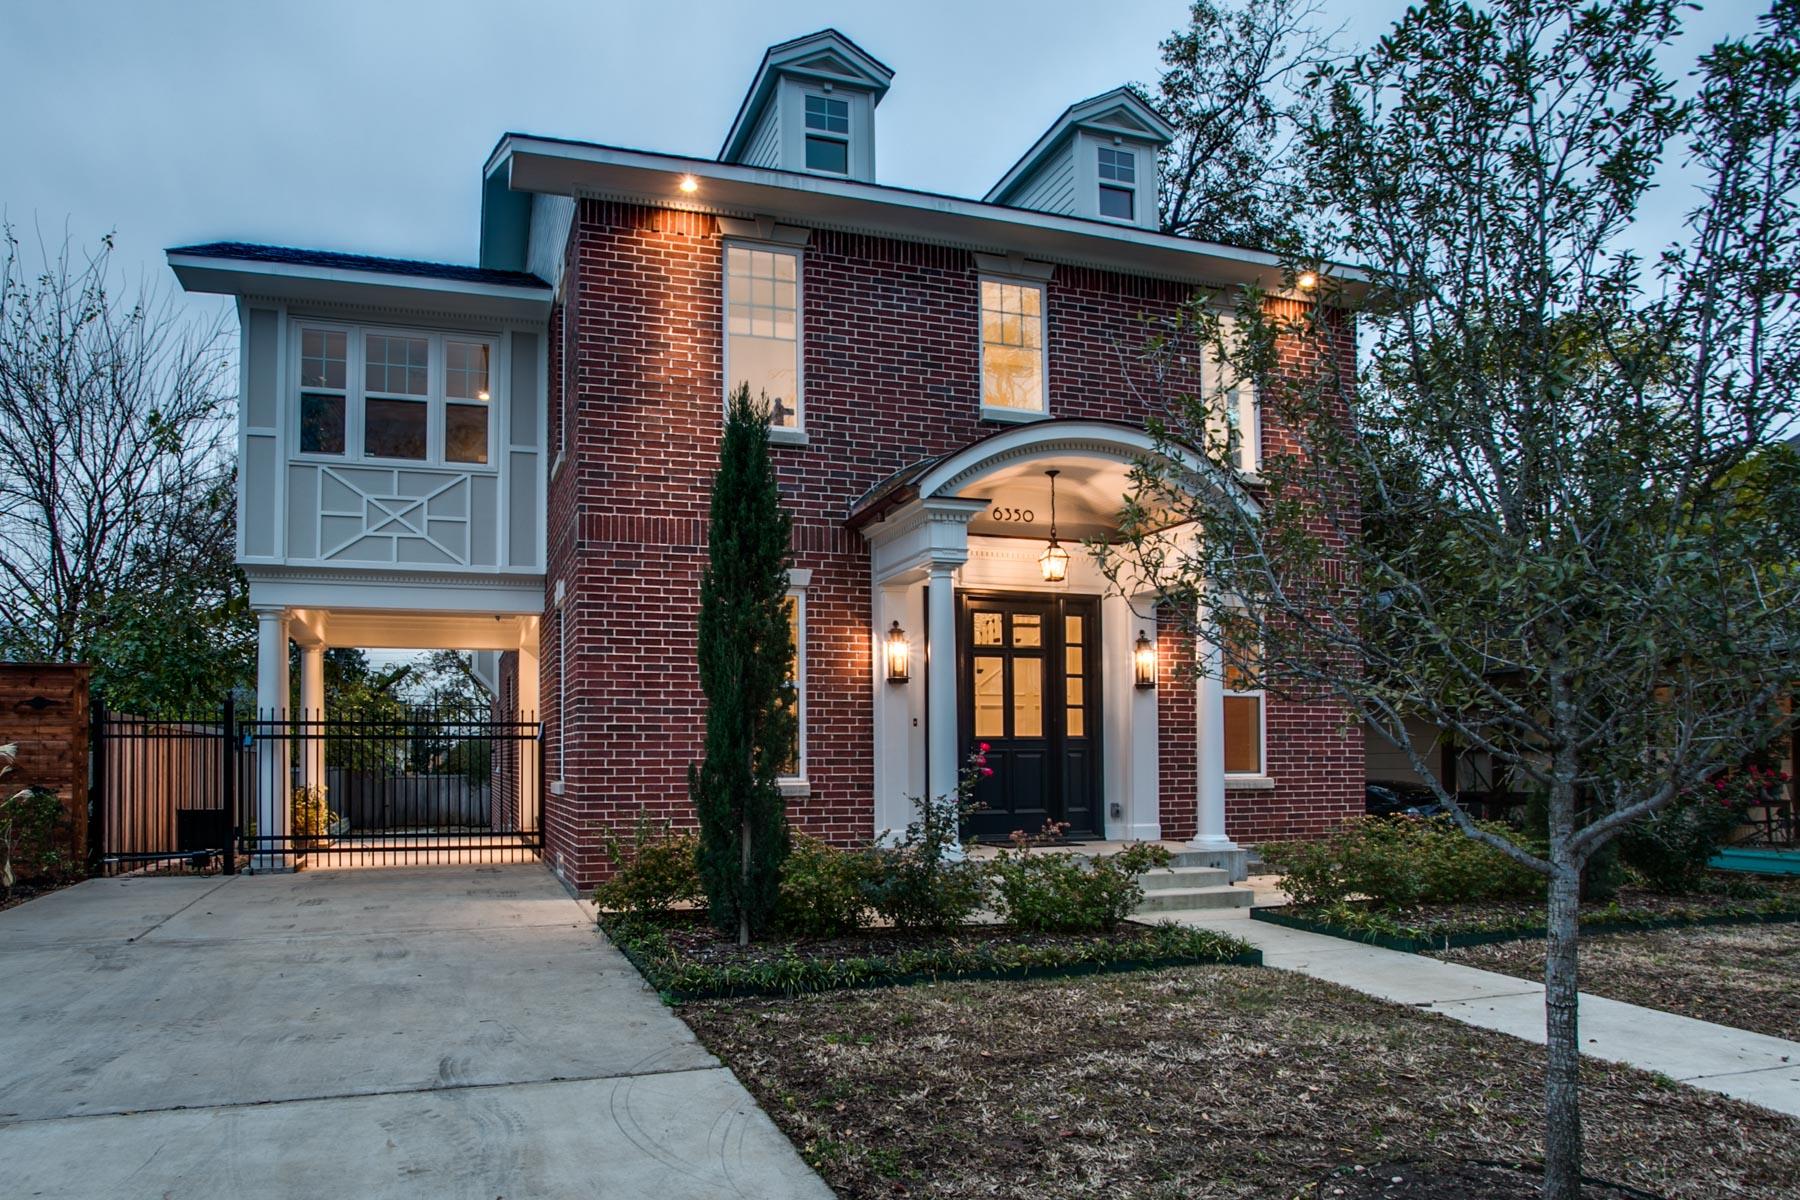 Maison unifamiliale pour l Vente à 6350 Belmont Ave, Dallas Dallas, Texas, 75214 États-Unis